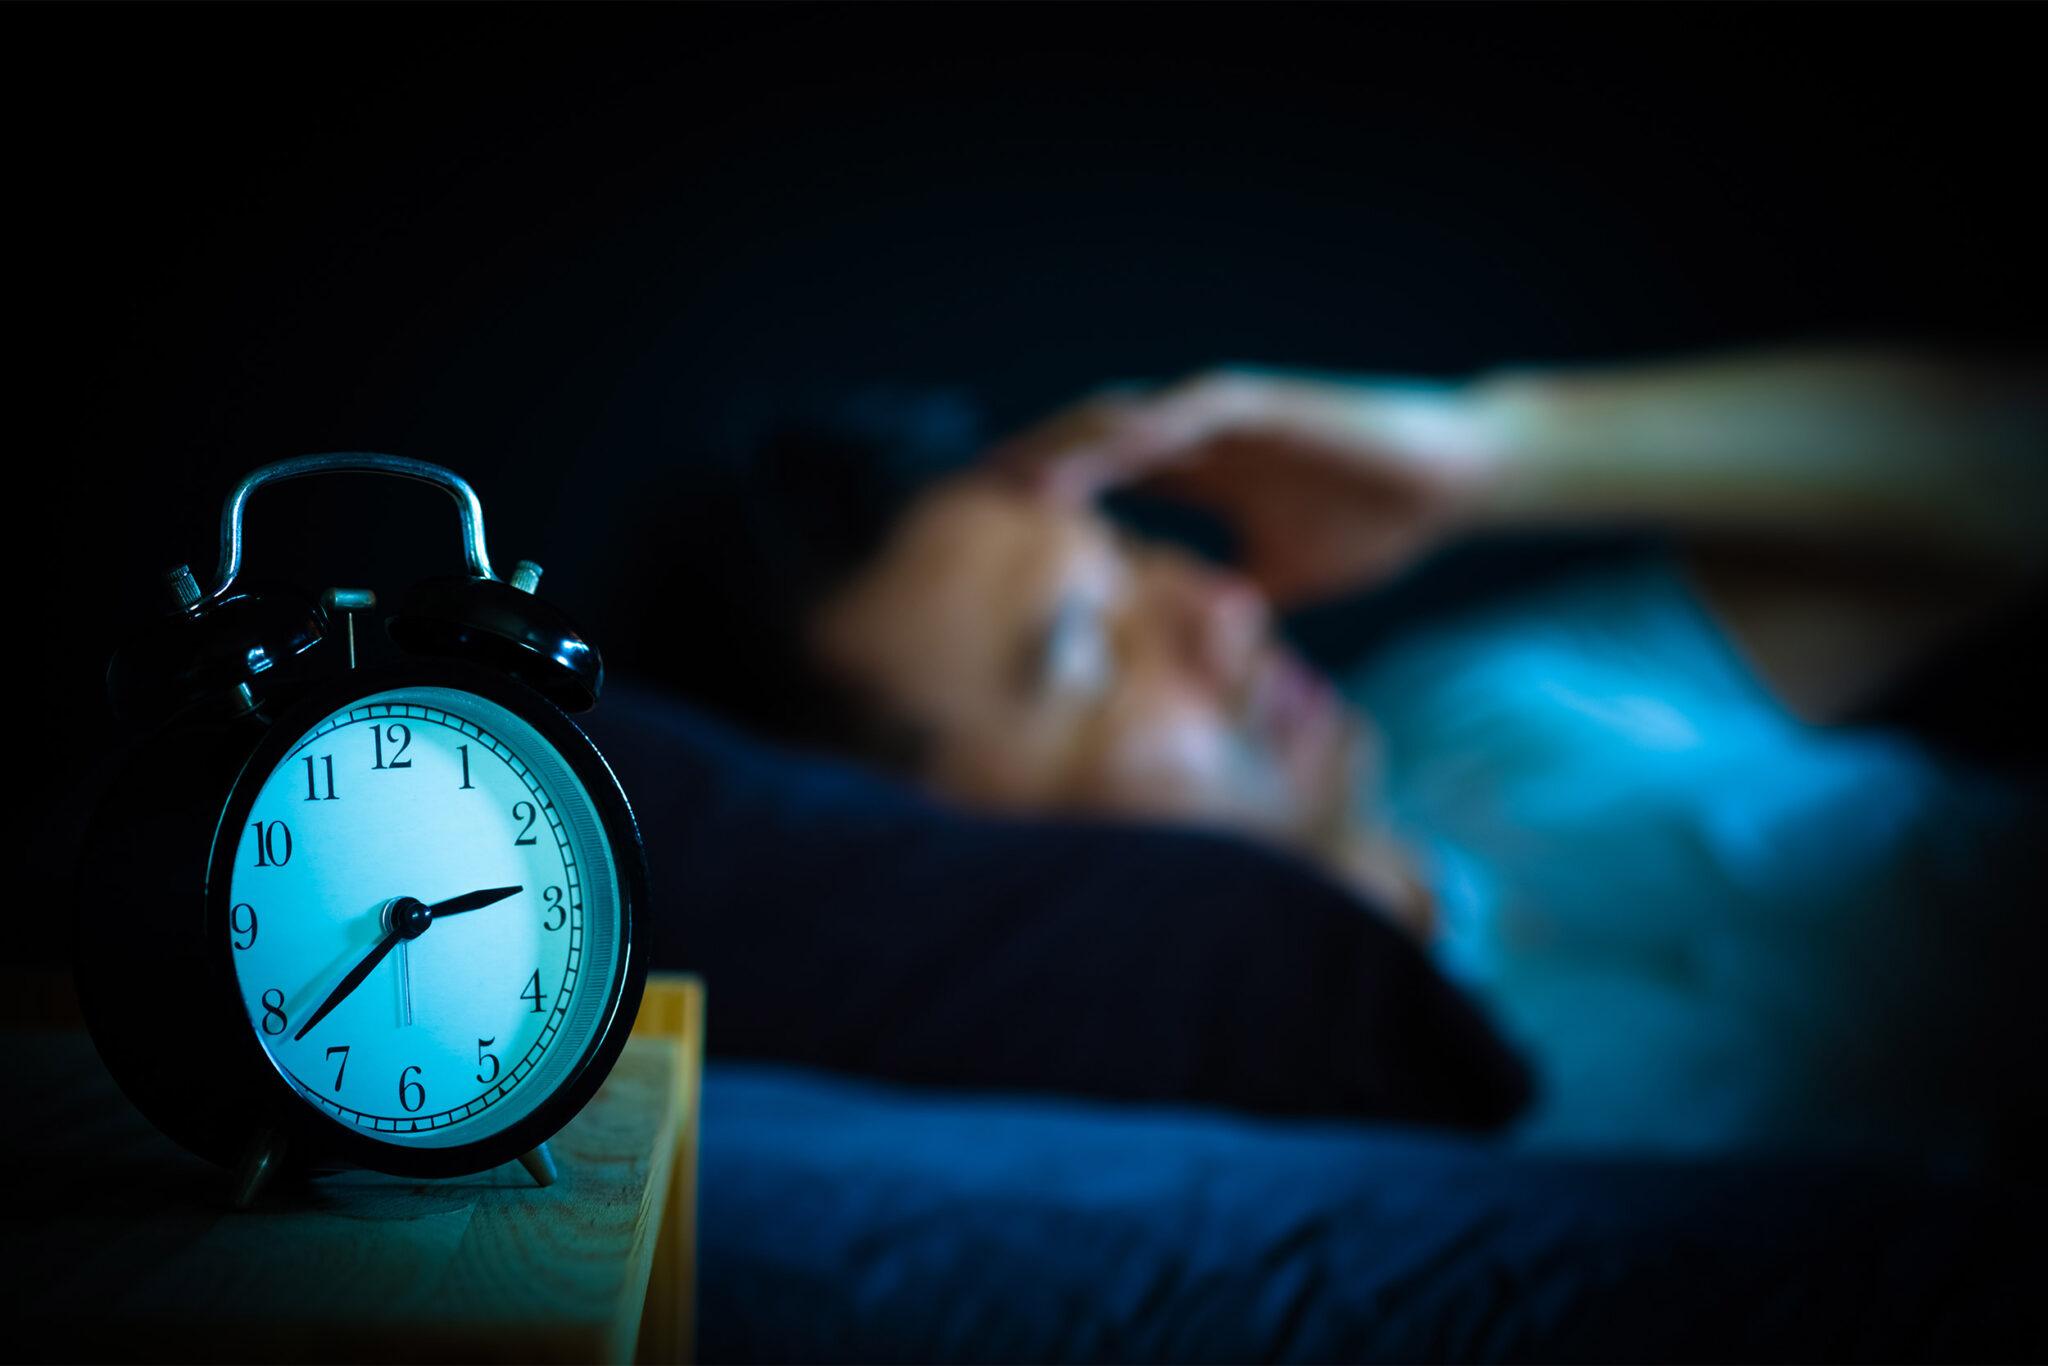 Si mund të ndikojnë ushqimet në gjumin tonë